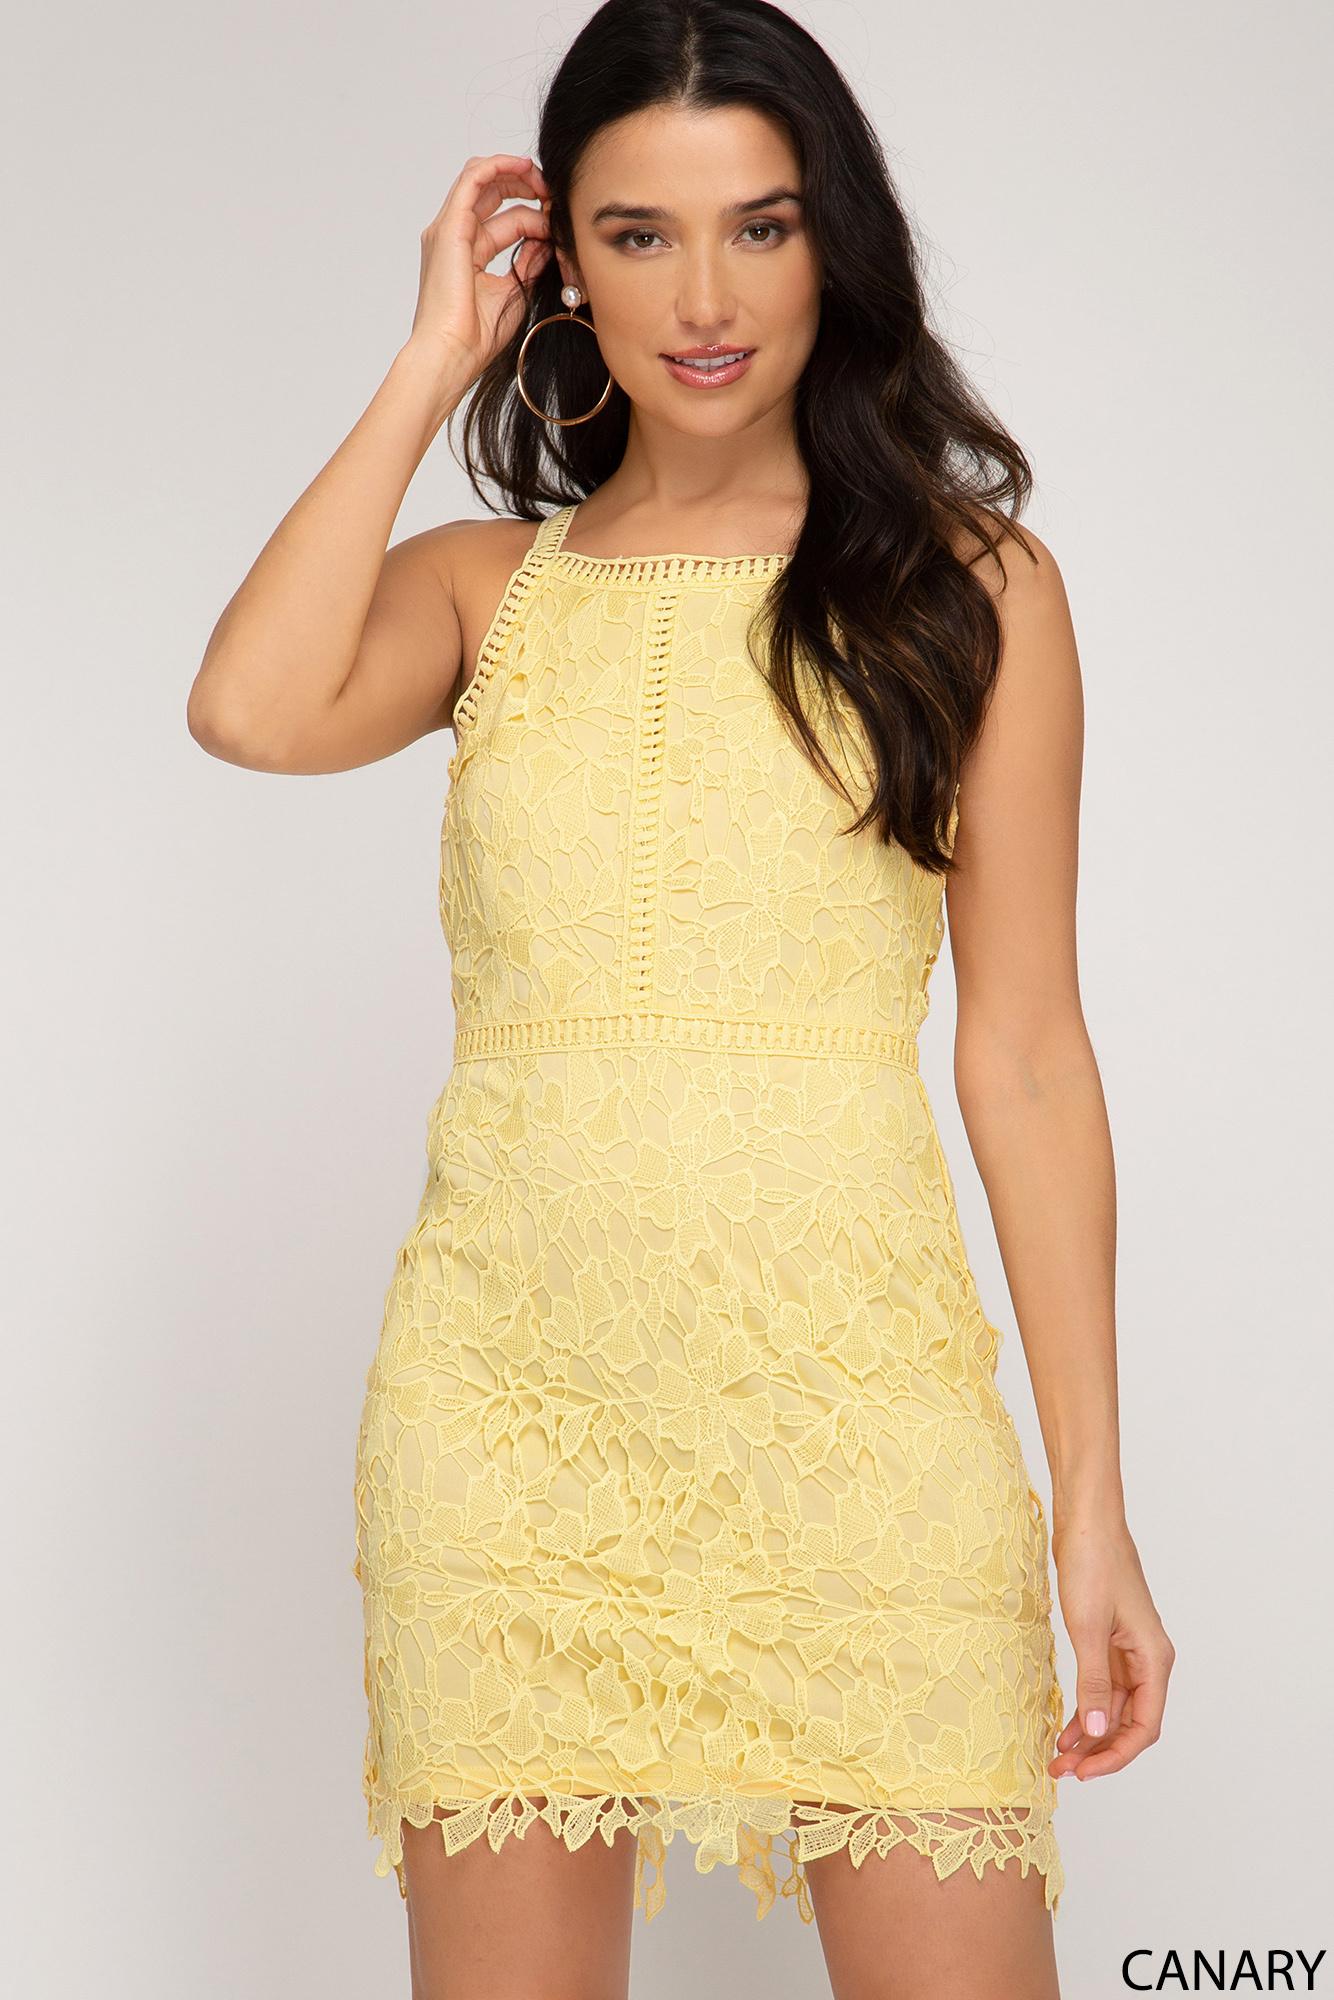 Canary Yellow Lace Dress